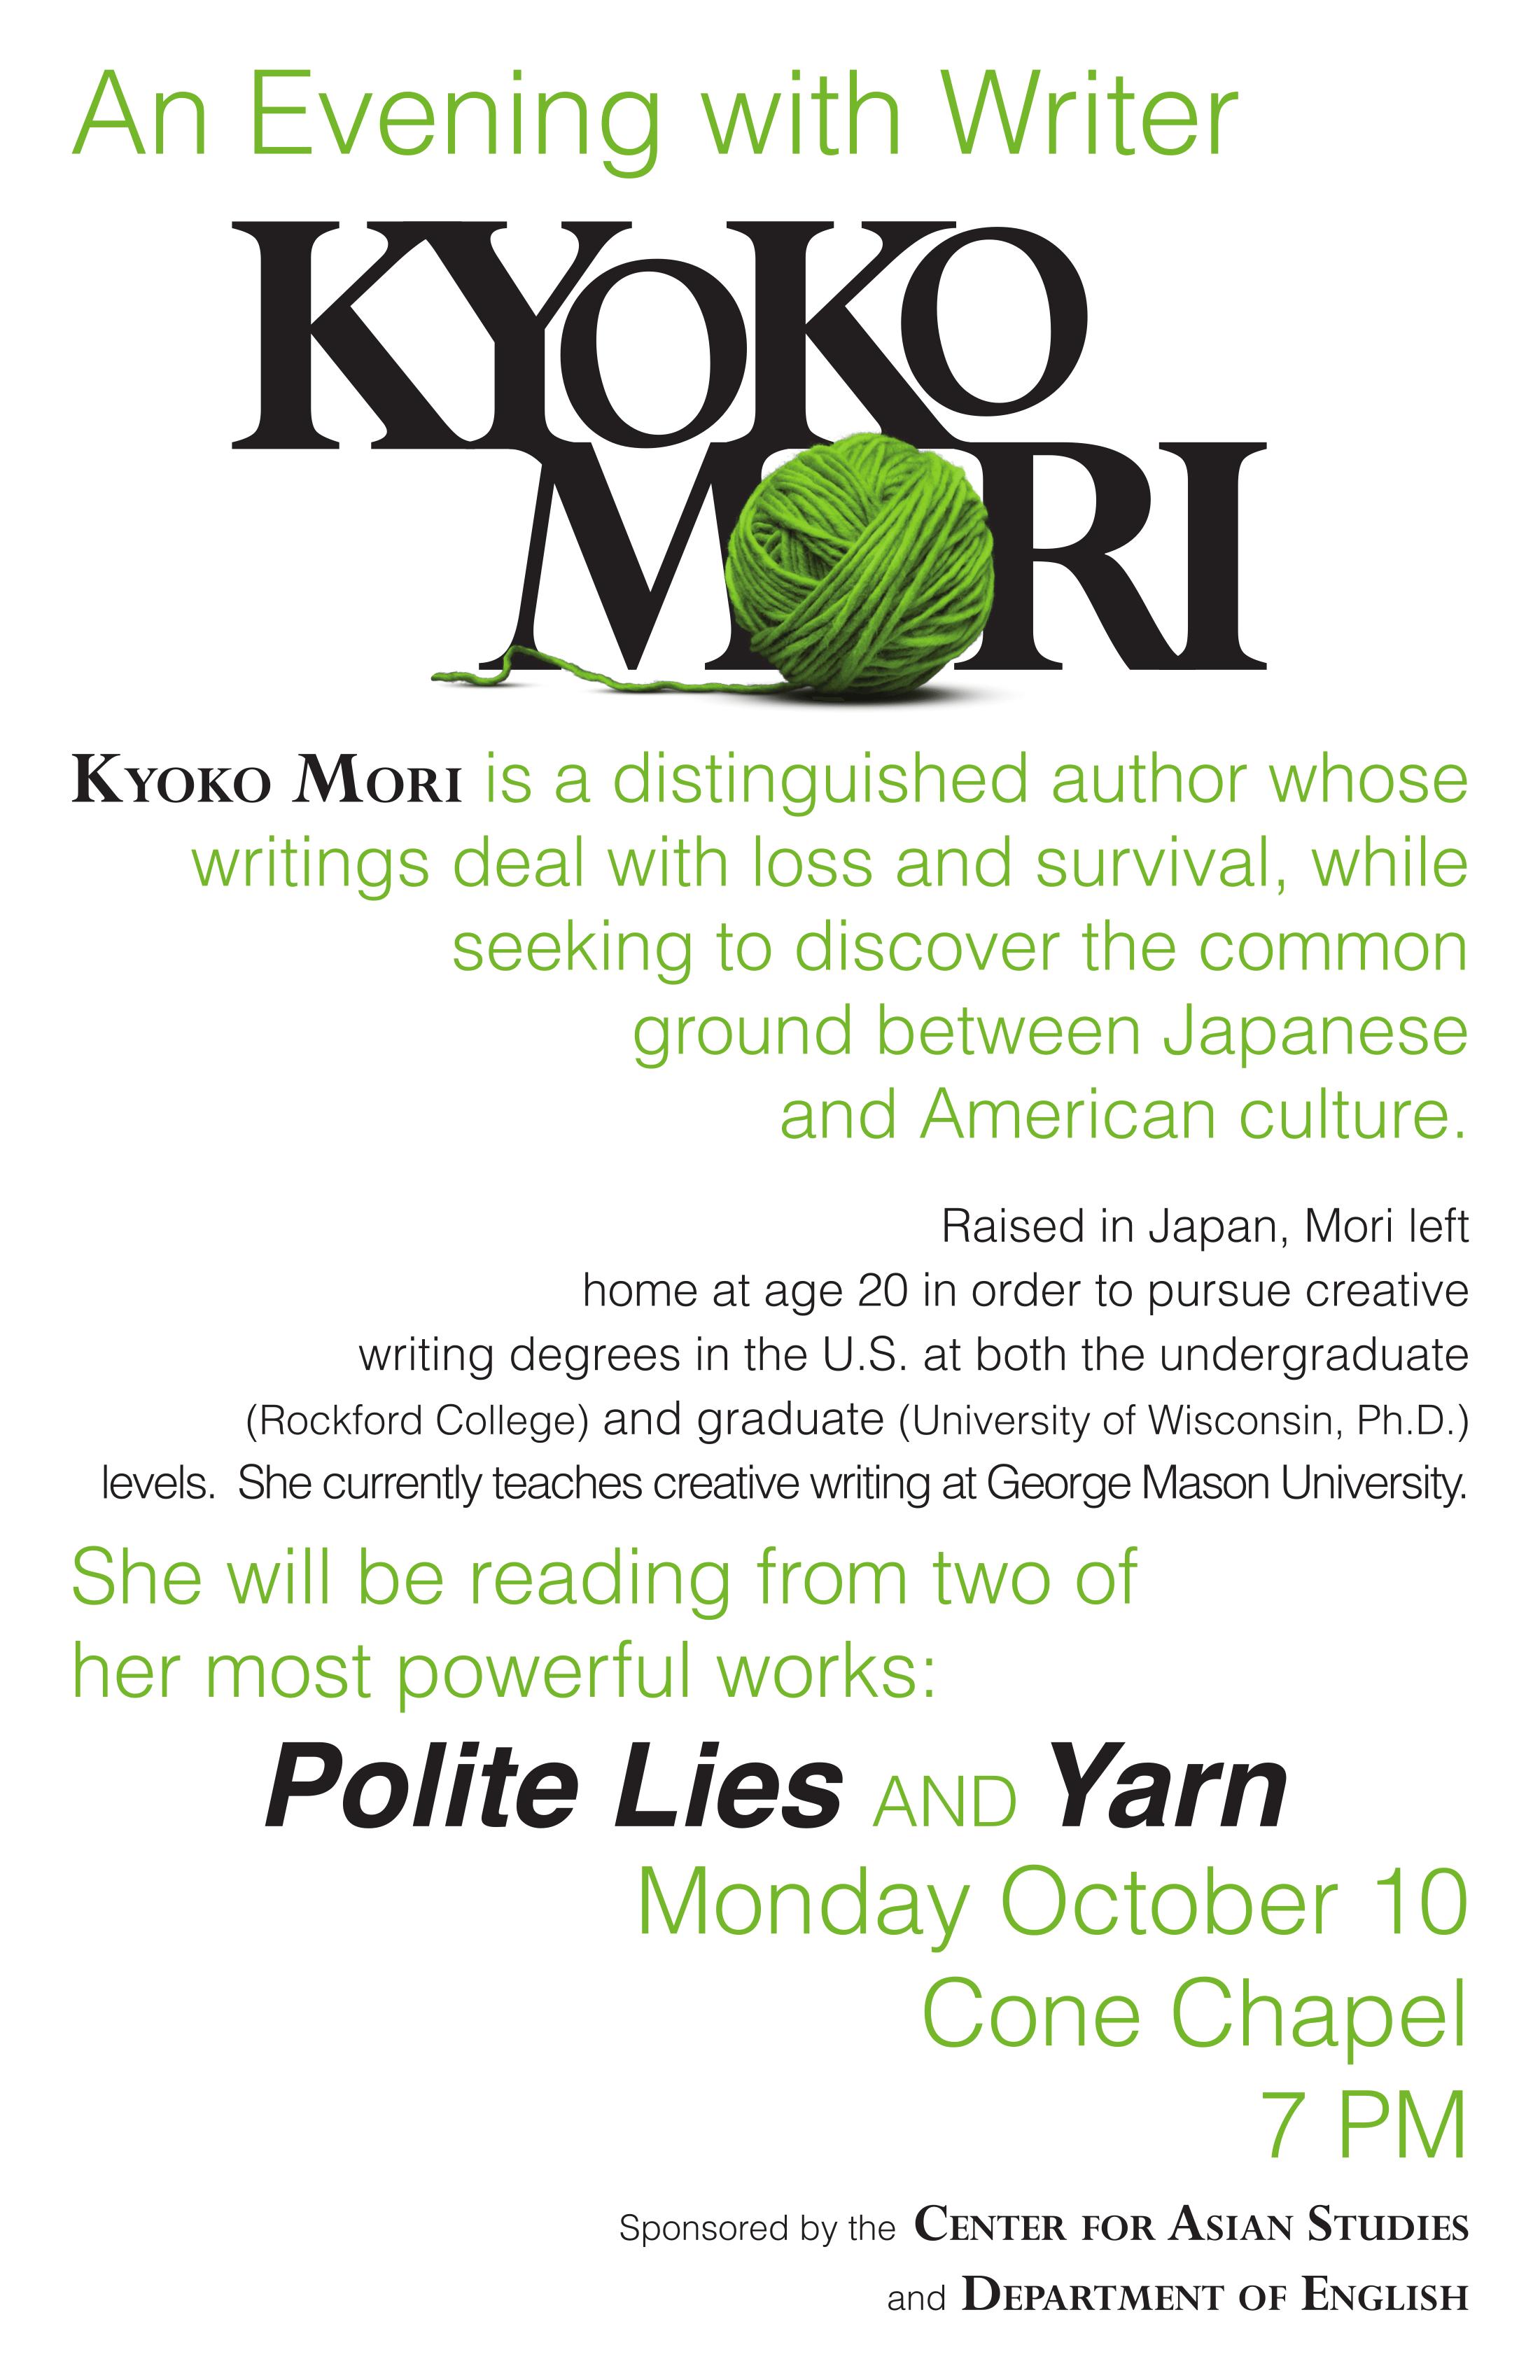 KyokoMori-1.png